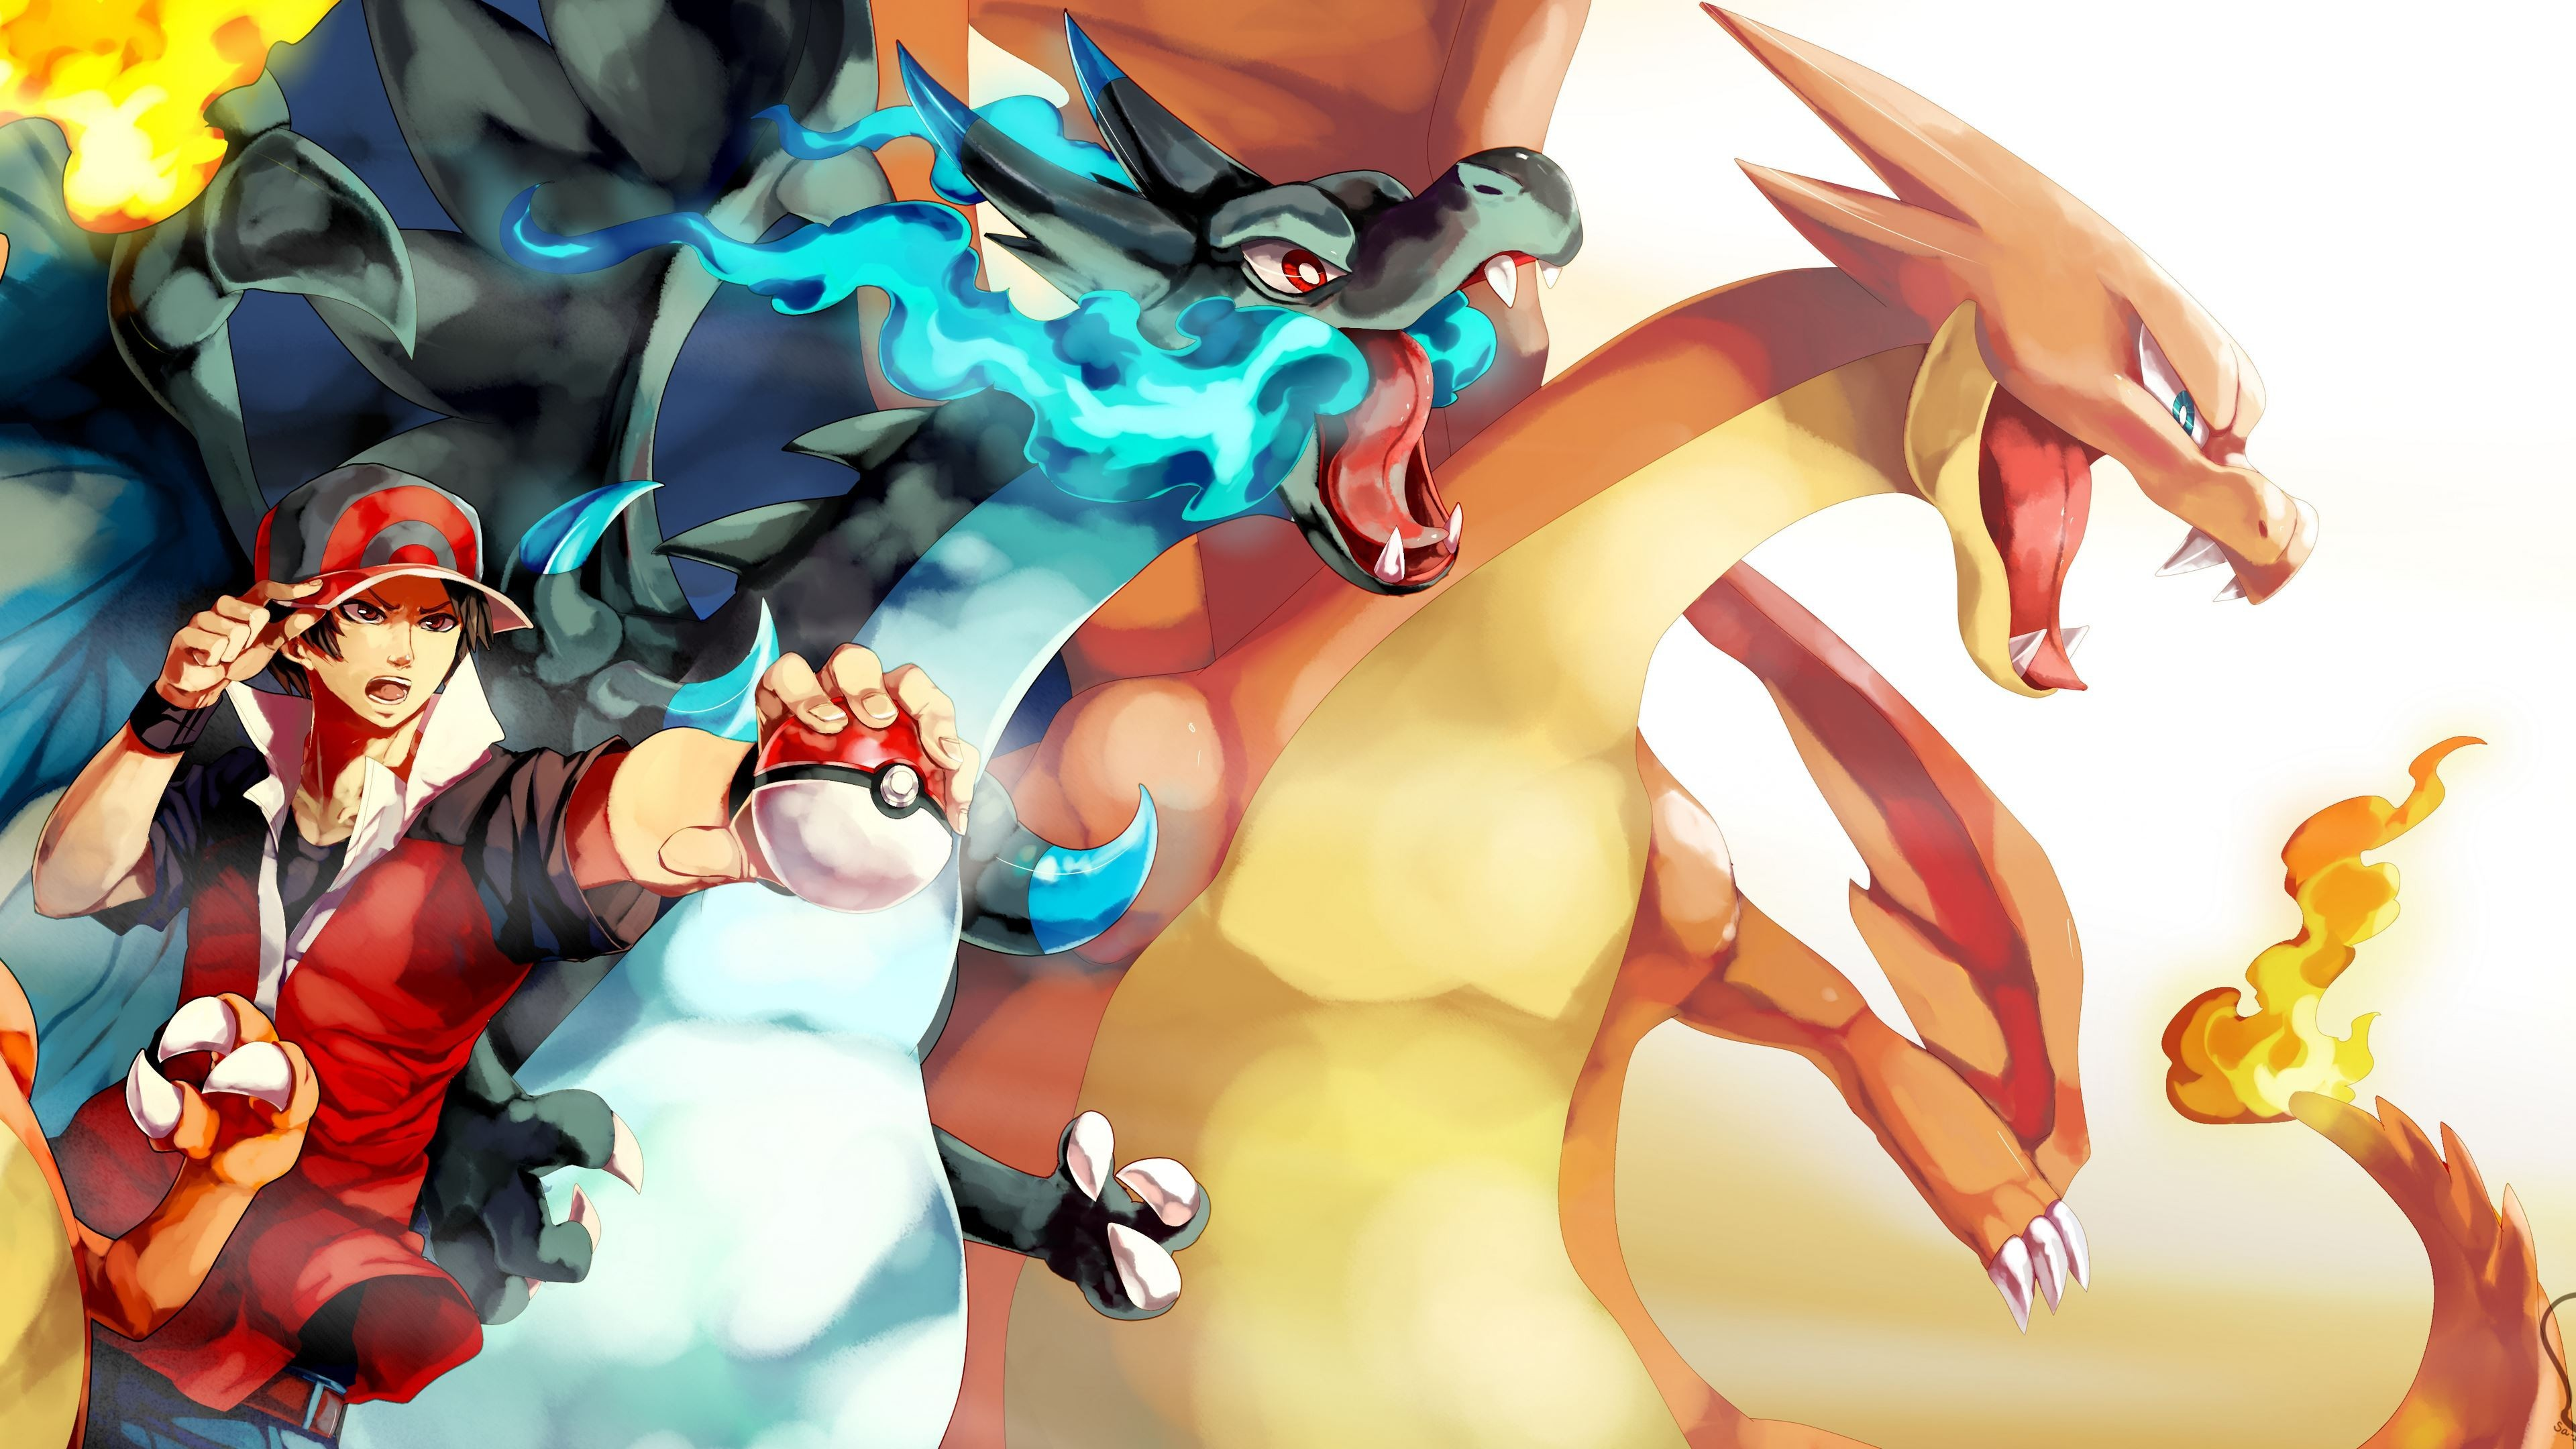 Pokemon-Charizard-Picture-HD-1